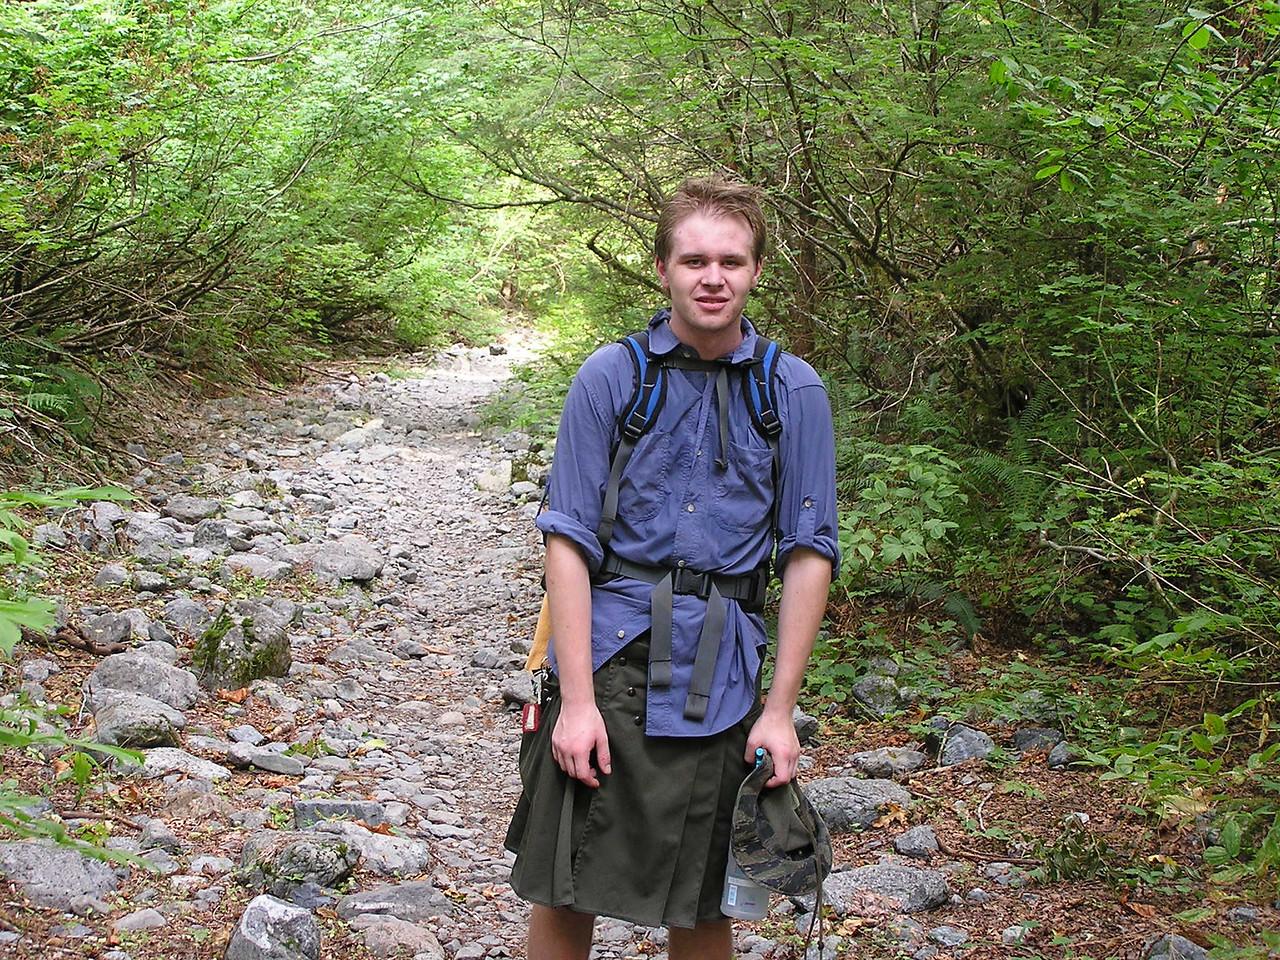 Nathan wearing a kilt.